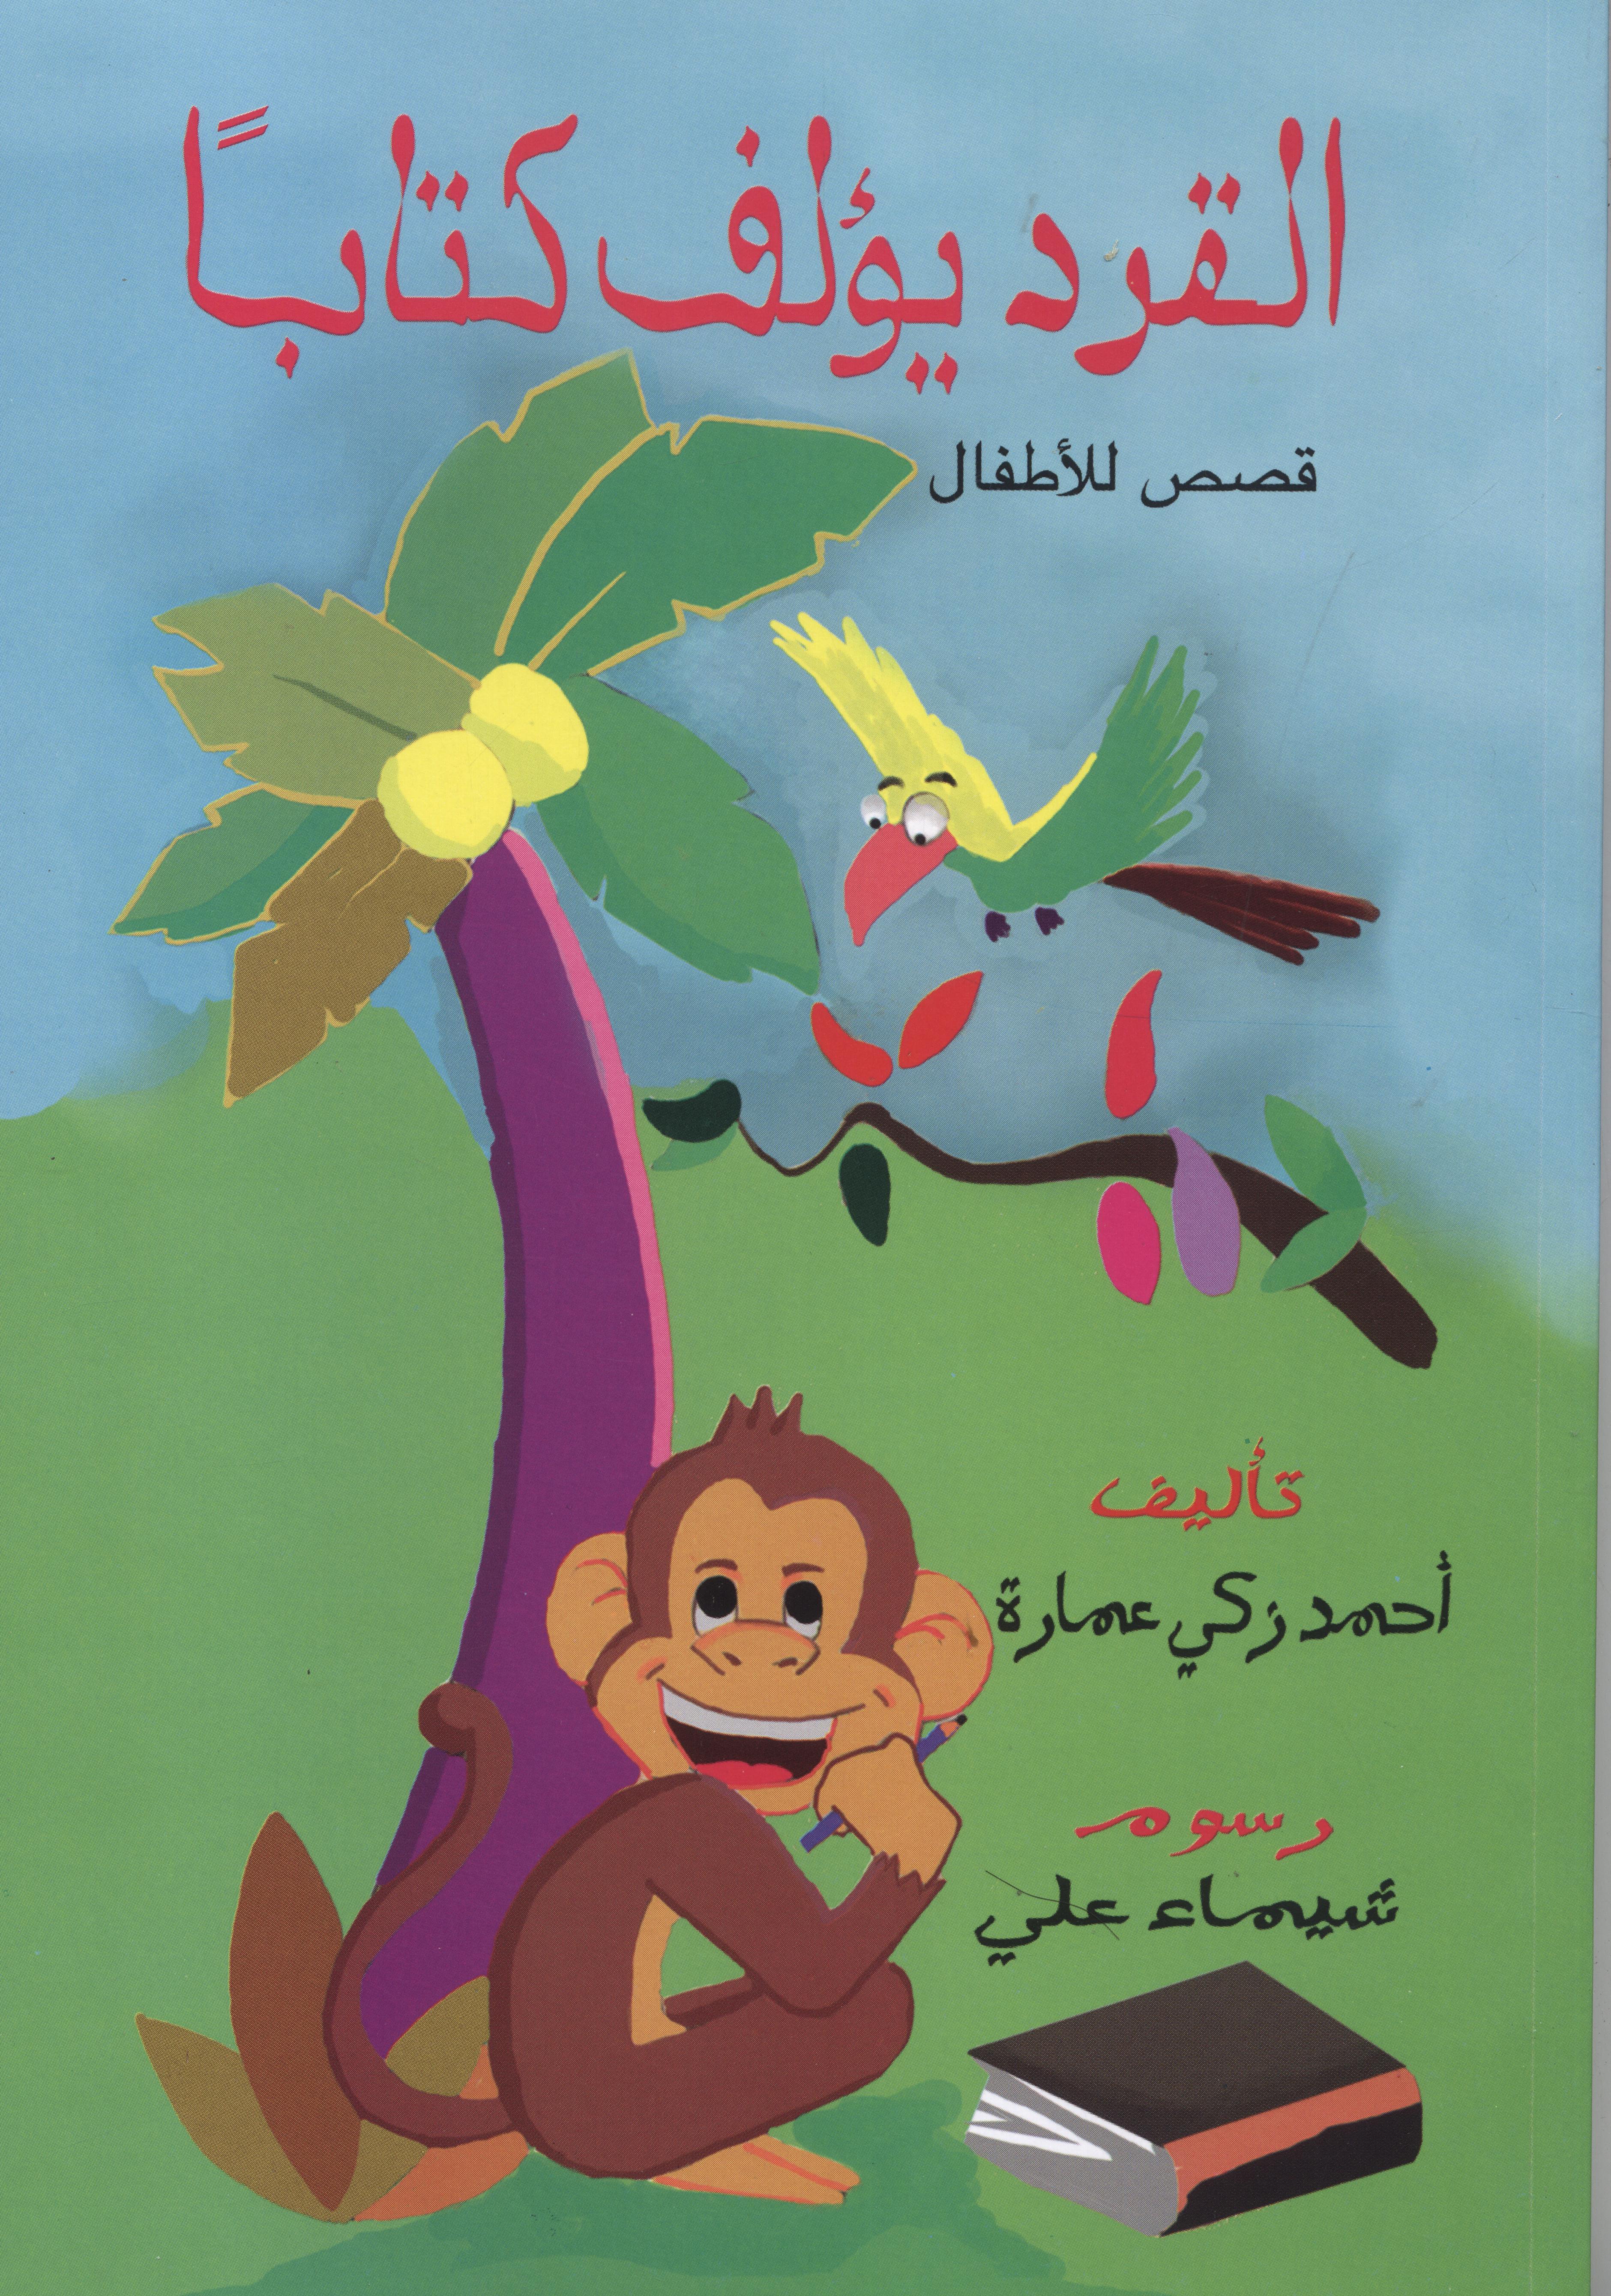 القرد يؤلف كتابًا 11